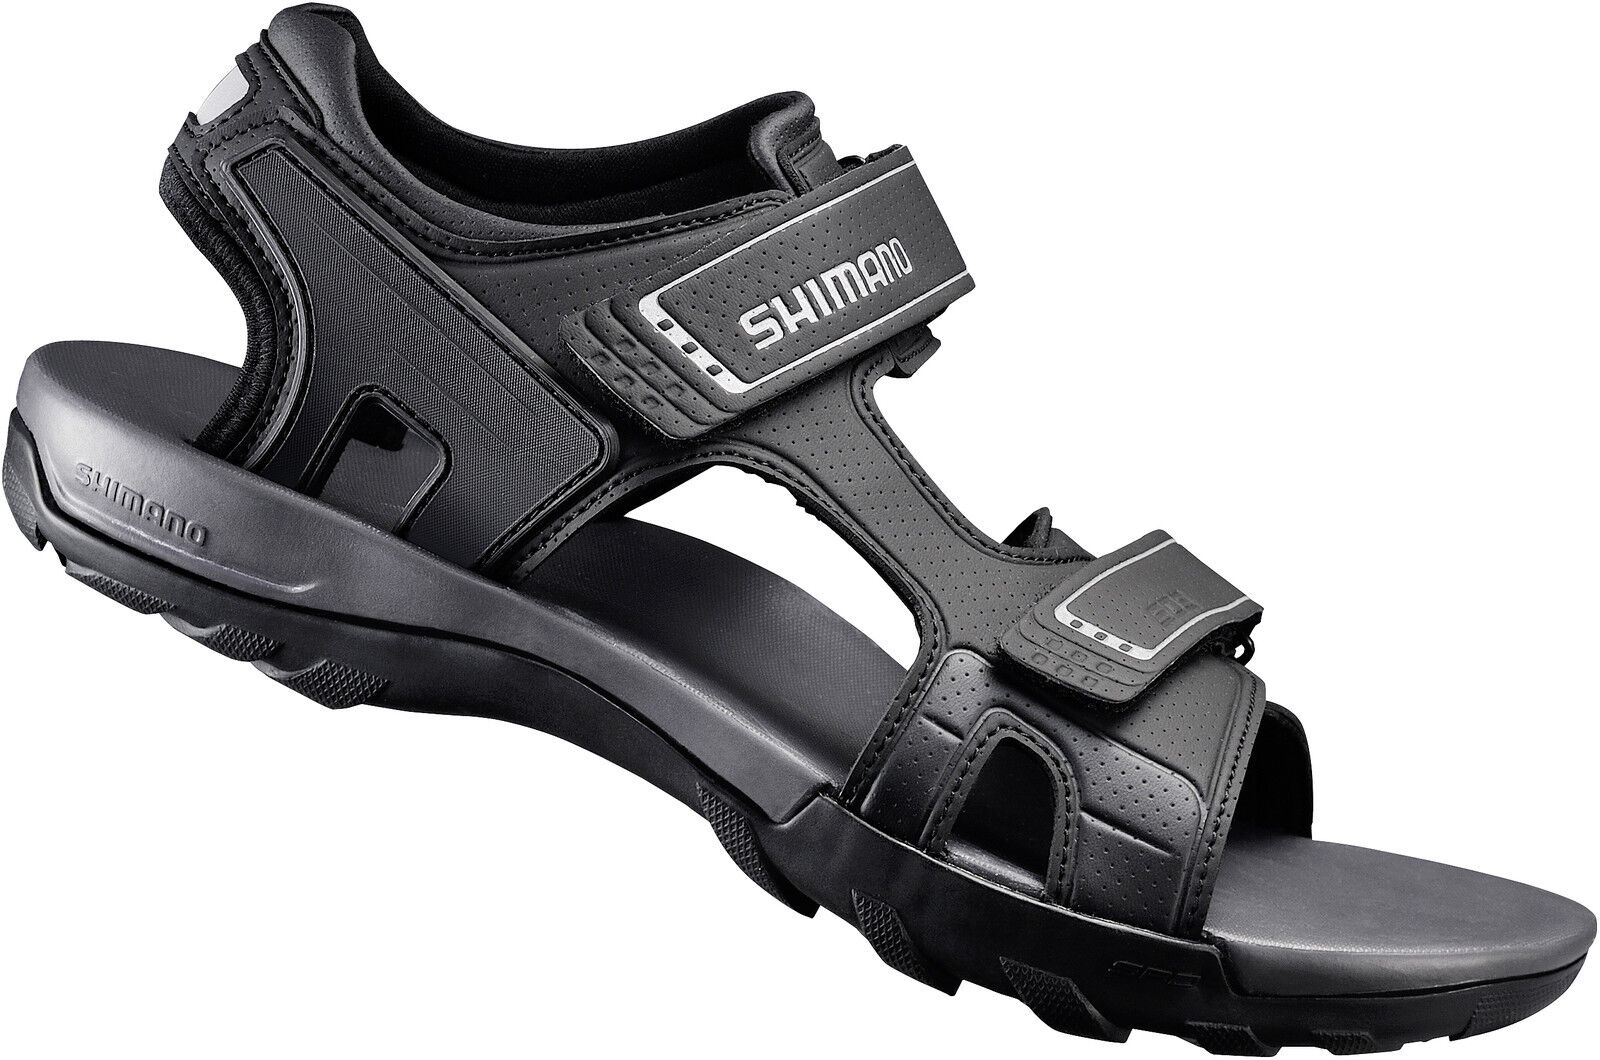 Shimano Bicicletta Sandalo Scarpe Bicicletta shsd5g Nero clic PEDALI adatto